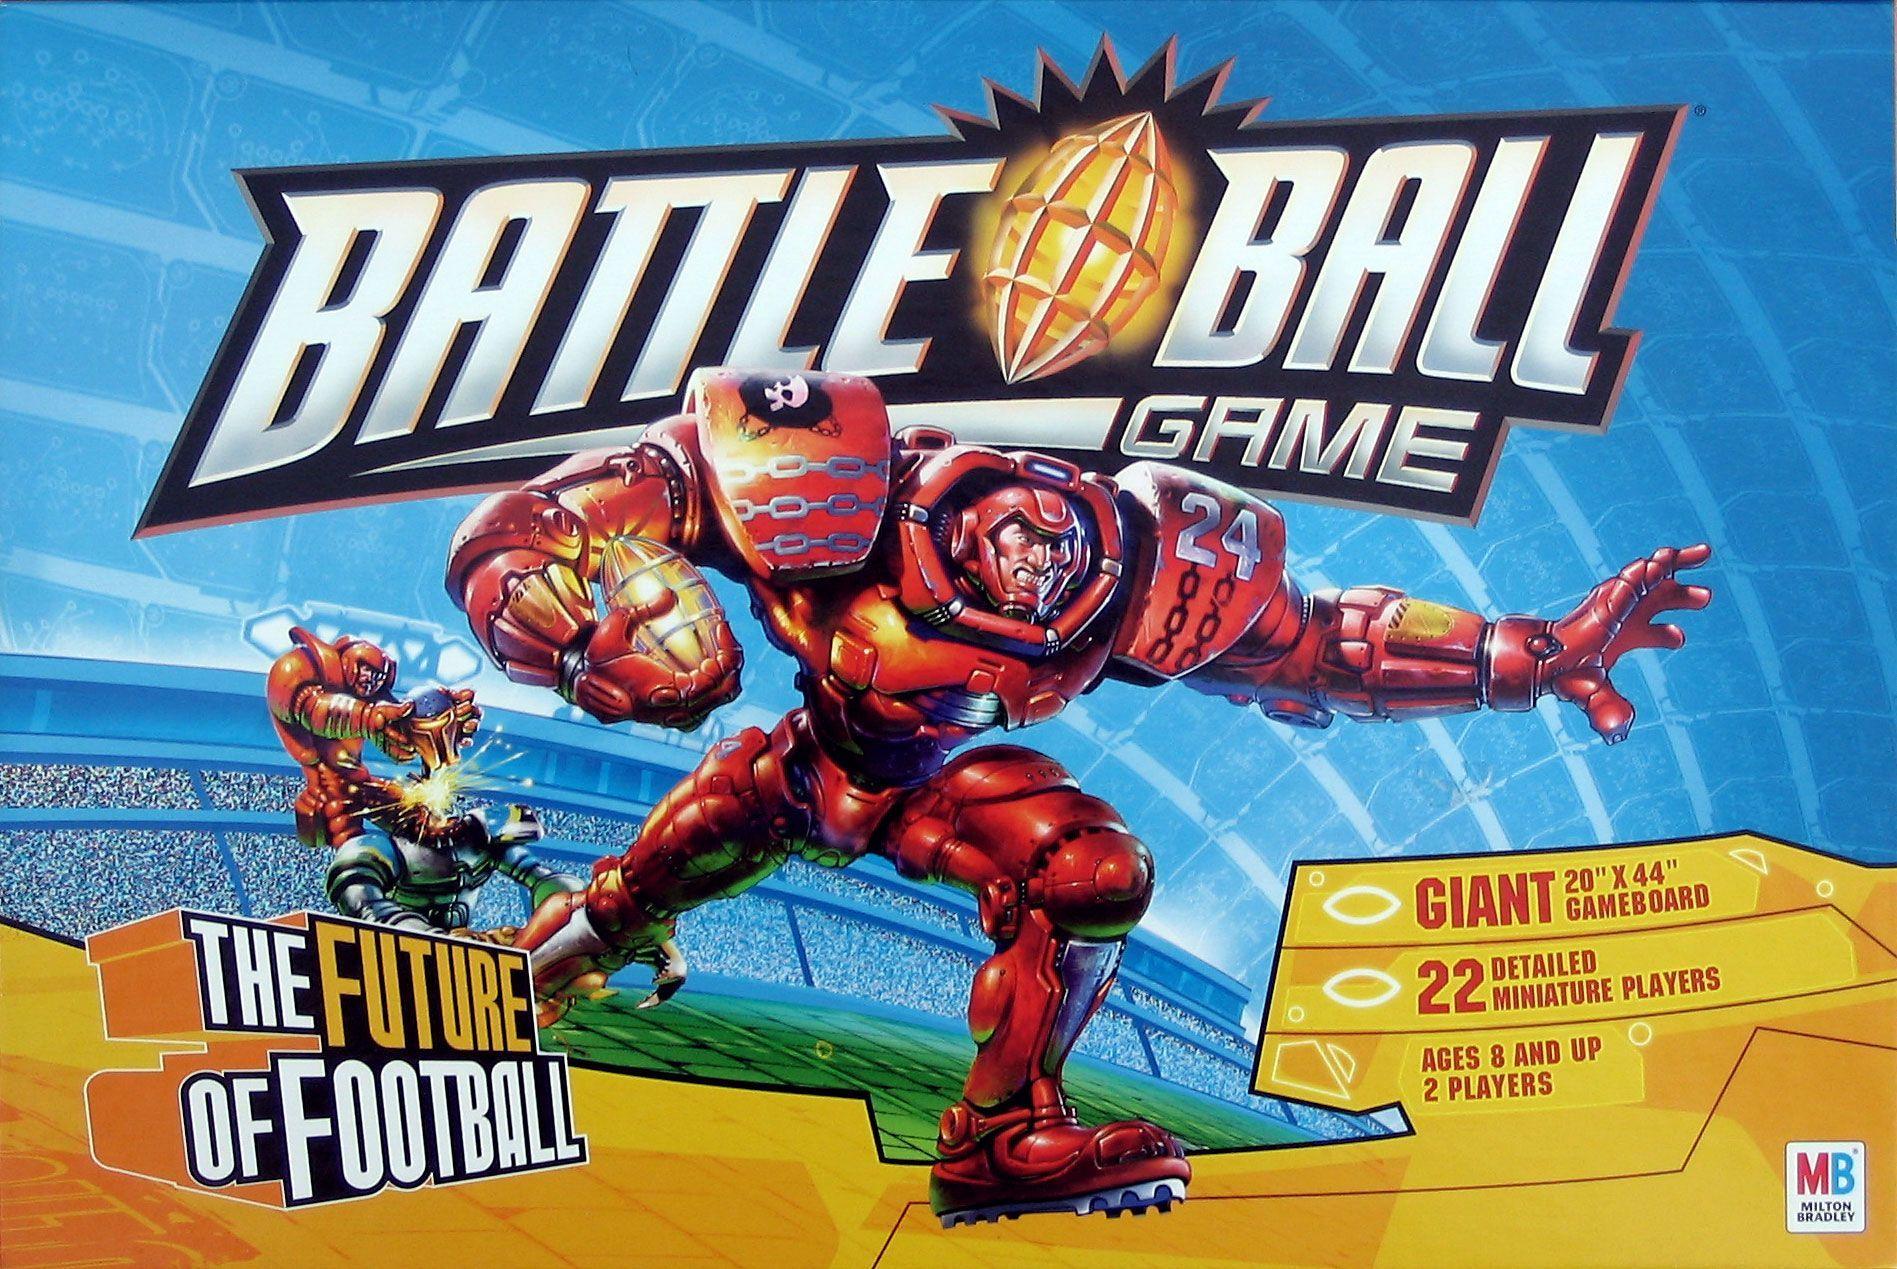 Battleball